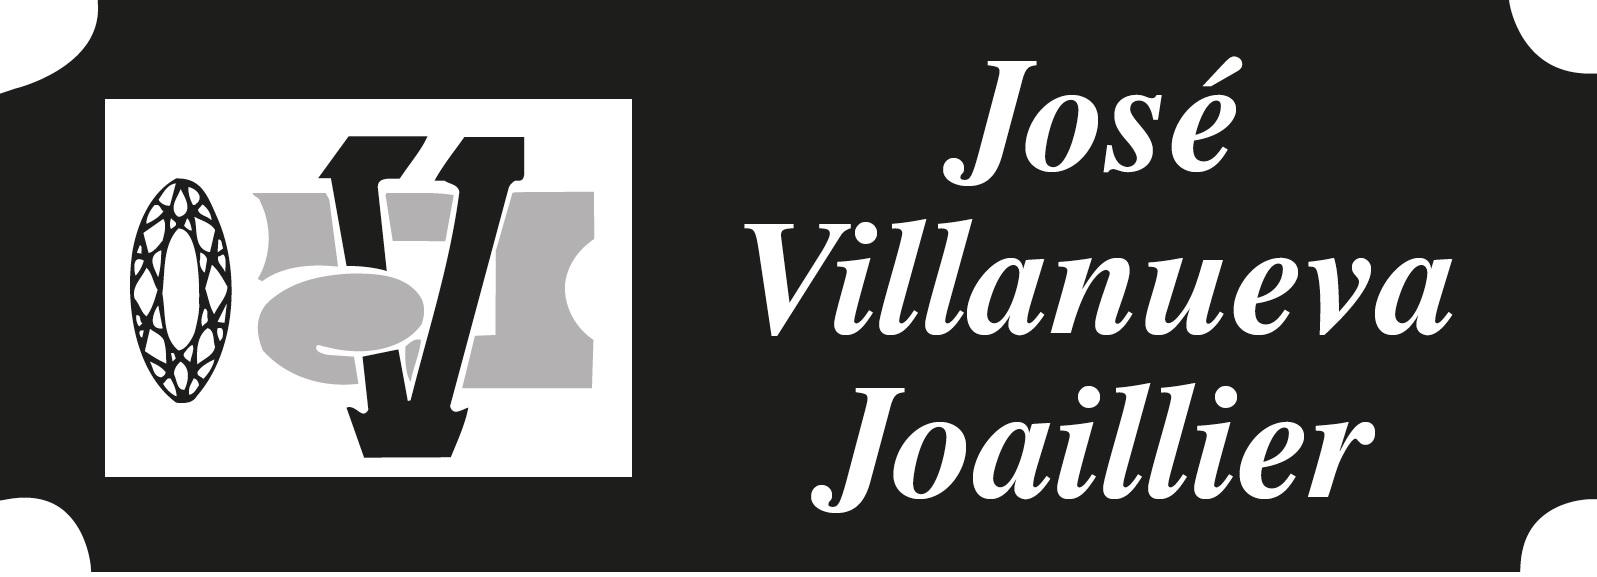 Logo Villanueva José